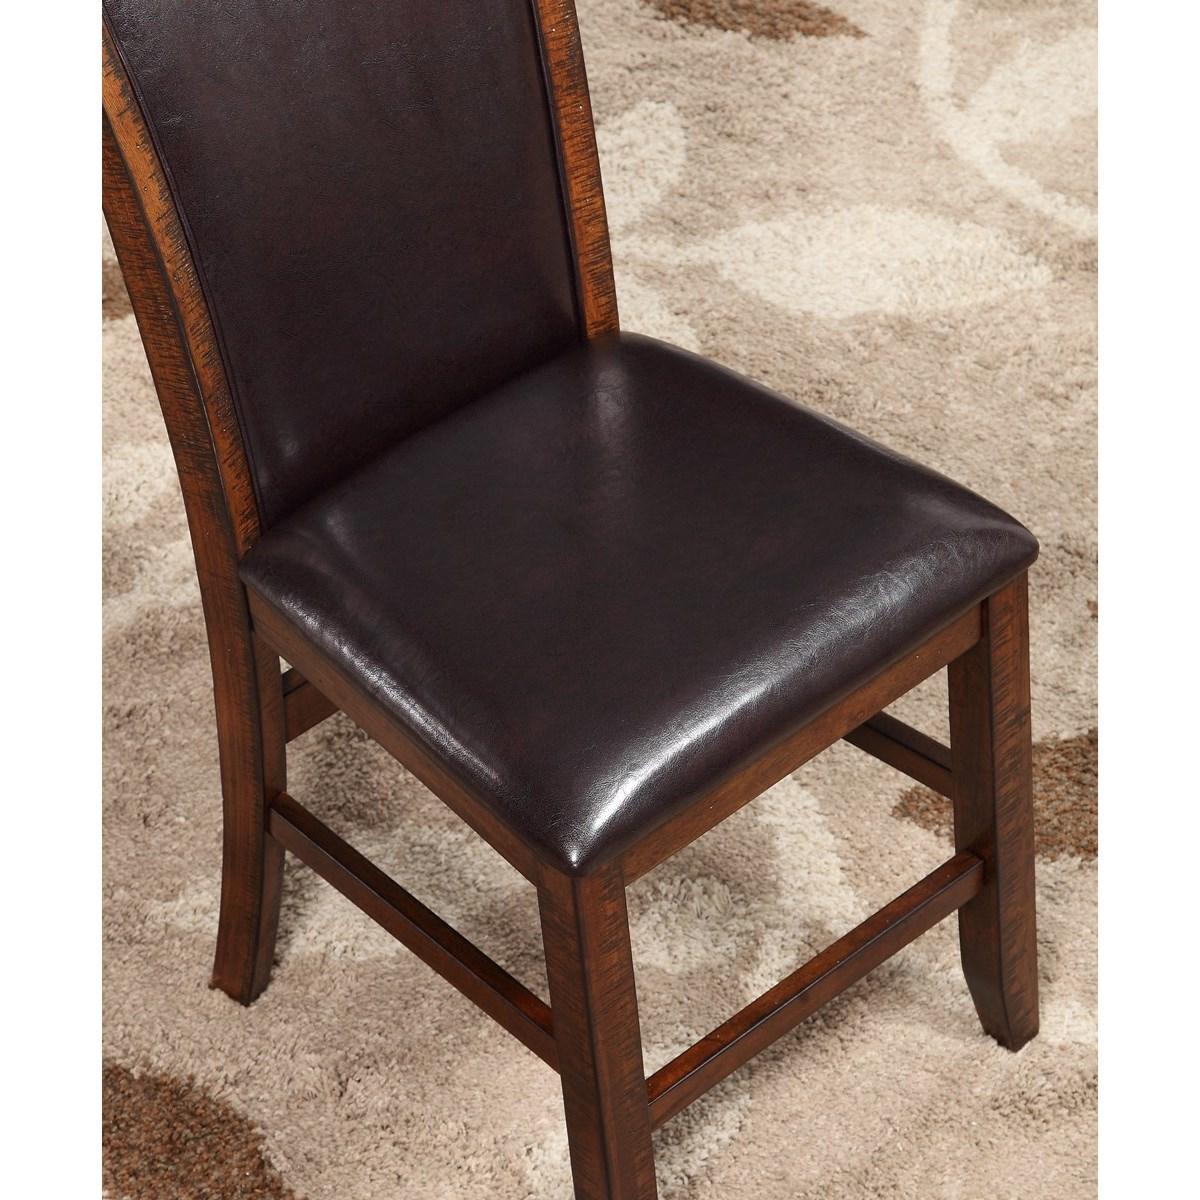 Legends furniture restoration zrst 8061 restoration for Furniture restoration